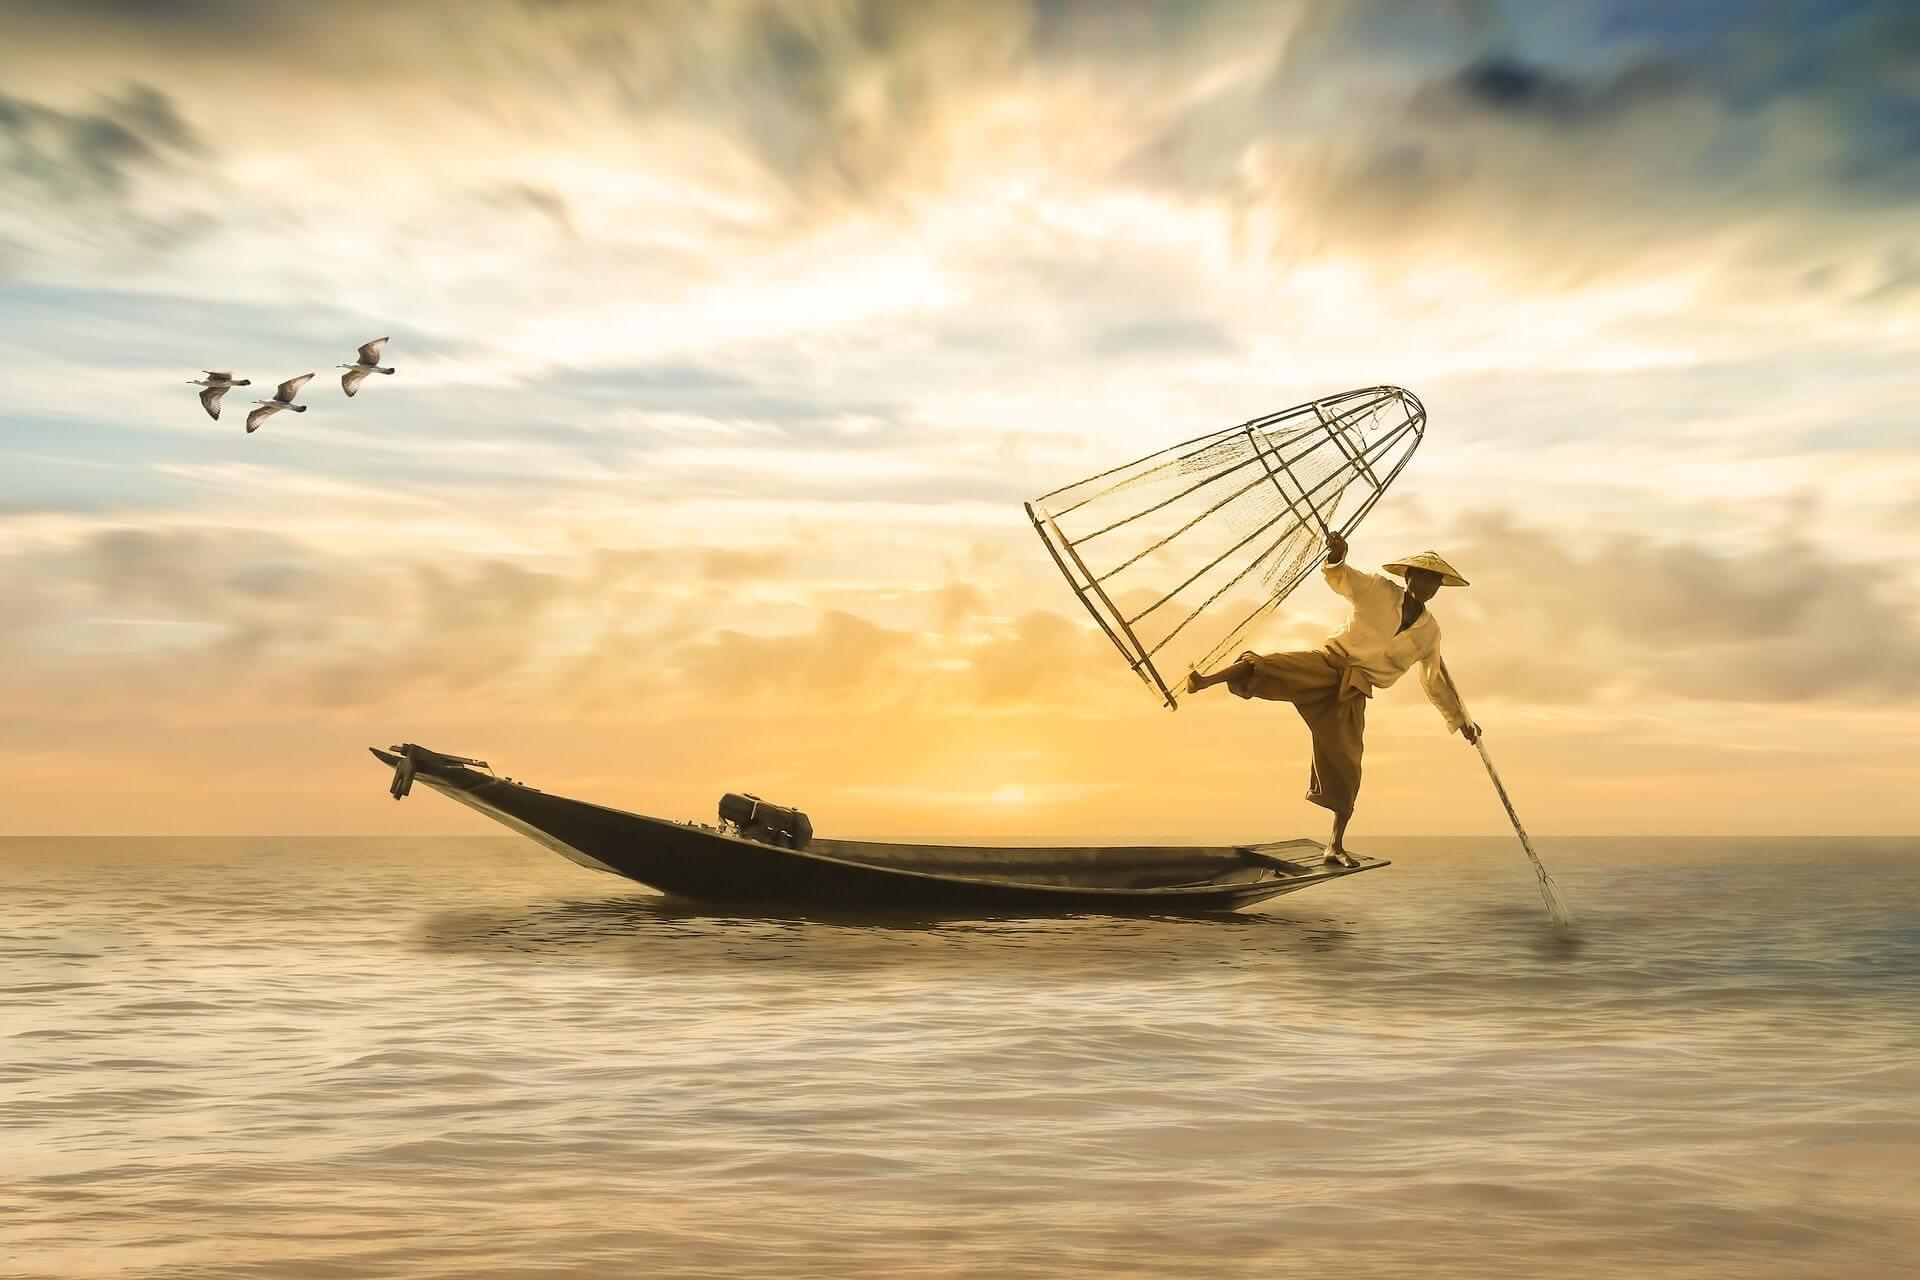 человек на лодке